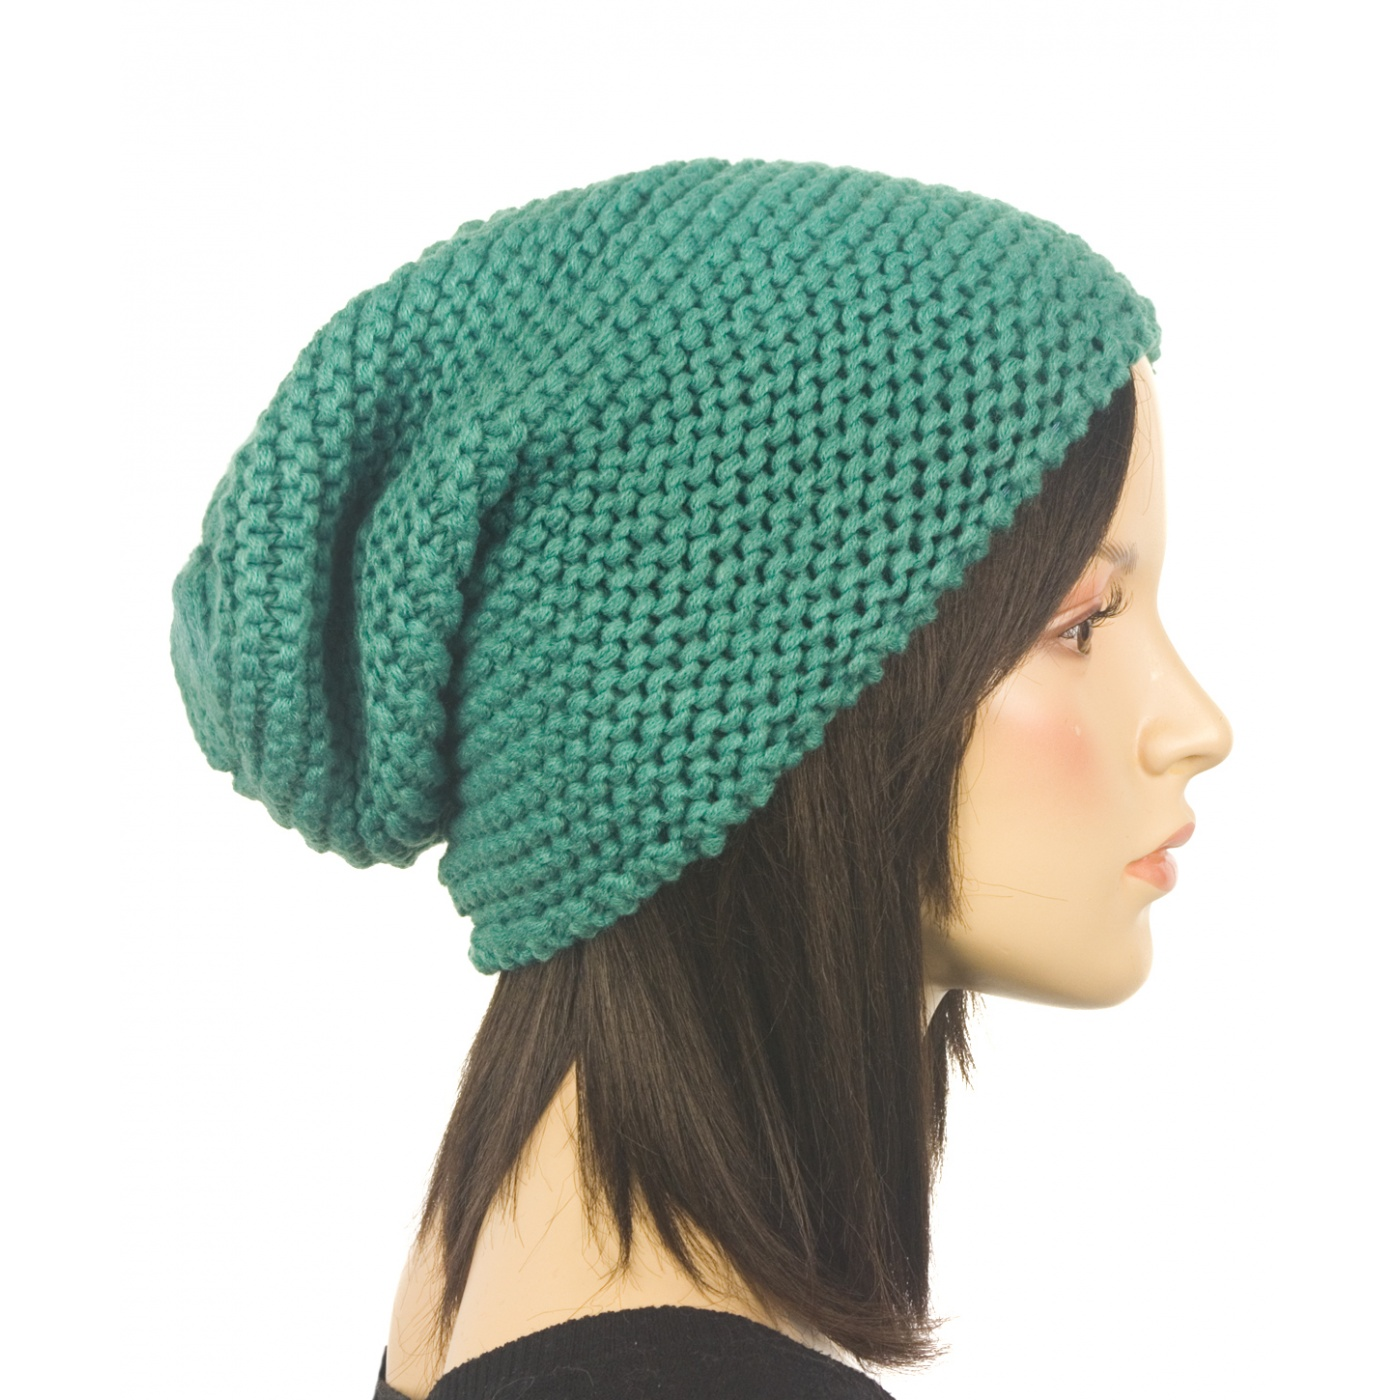 Czapka damska krasnal lewe oczko - miętowa zielona